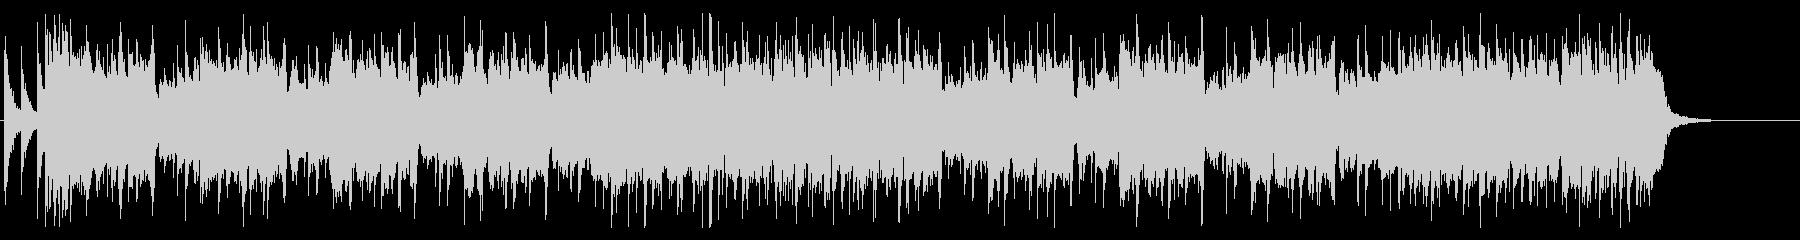 ロックギターリフ7の未再生の波形